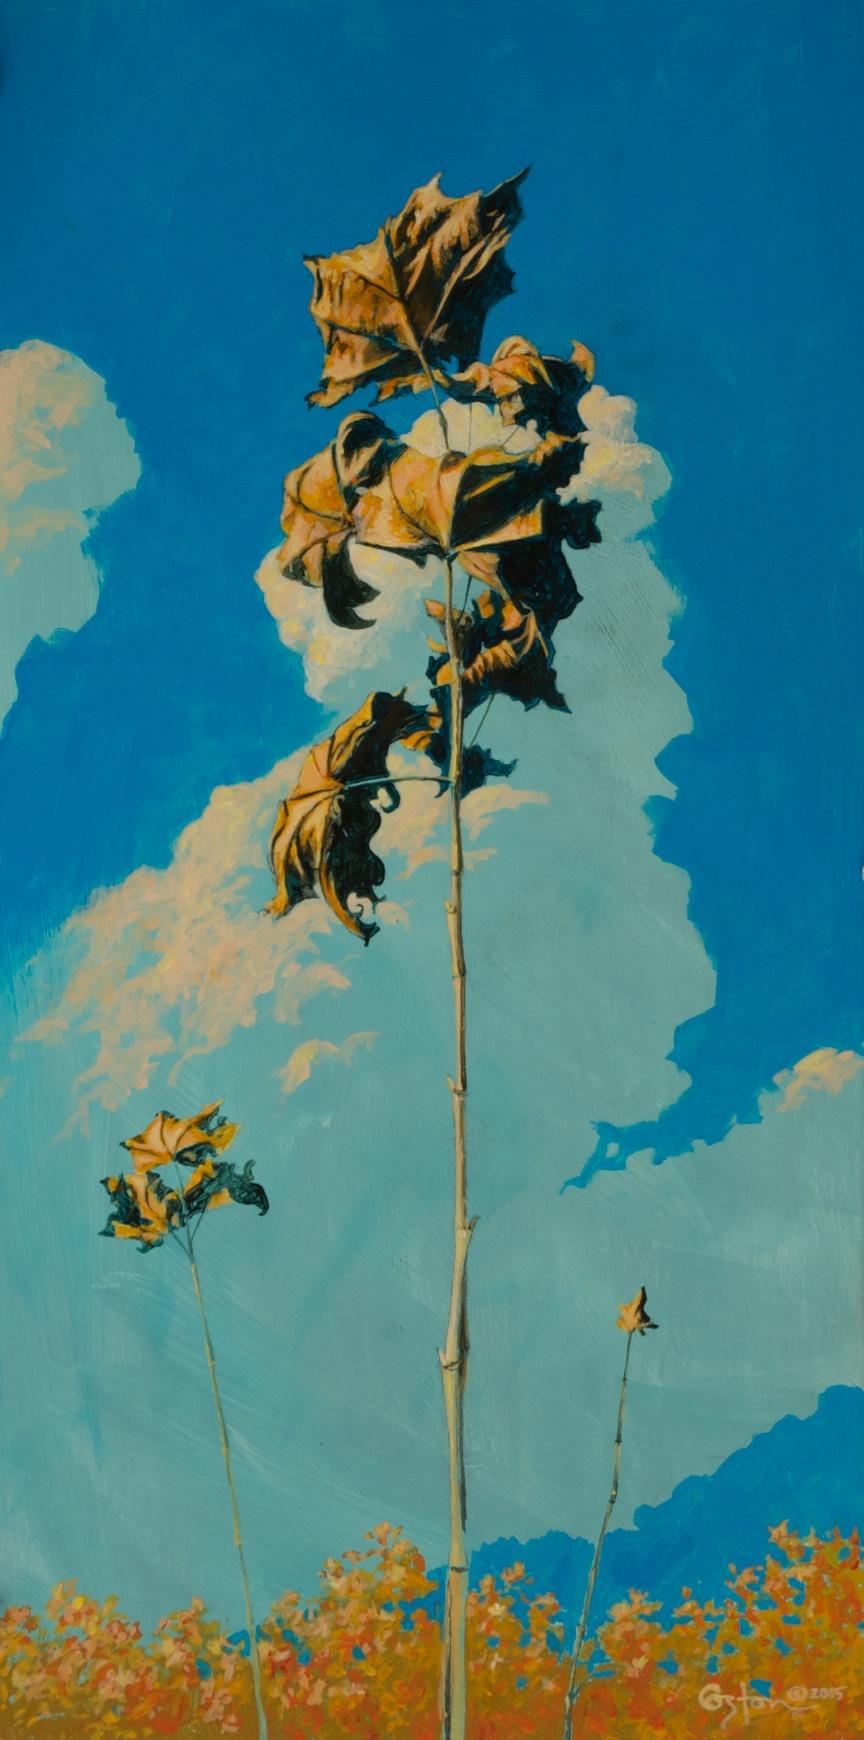 Sycamore Sapling, Daniel Coston, 2015